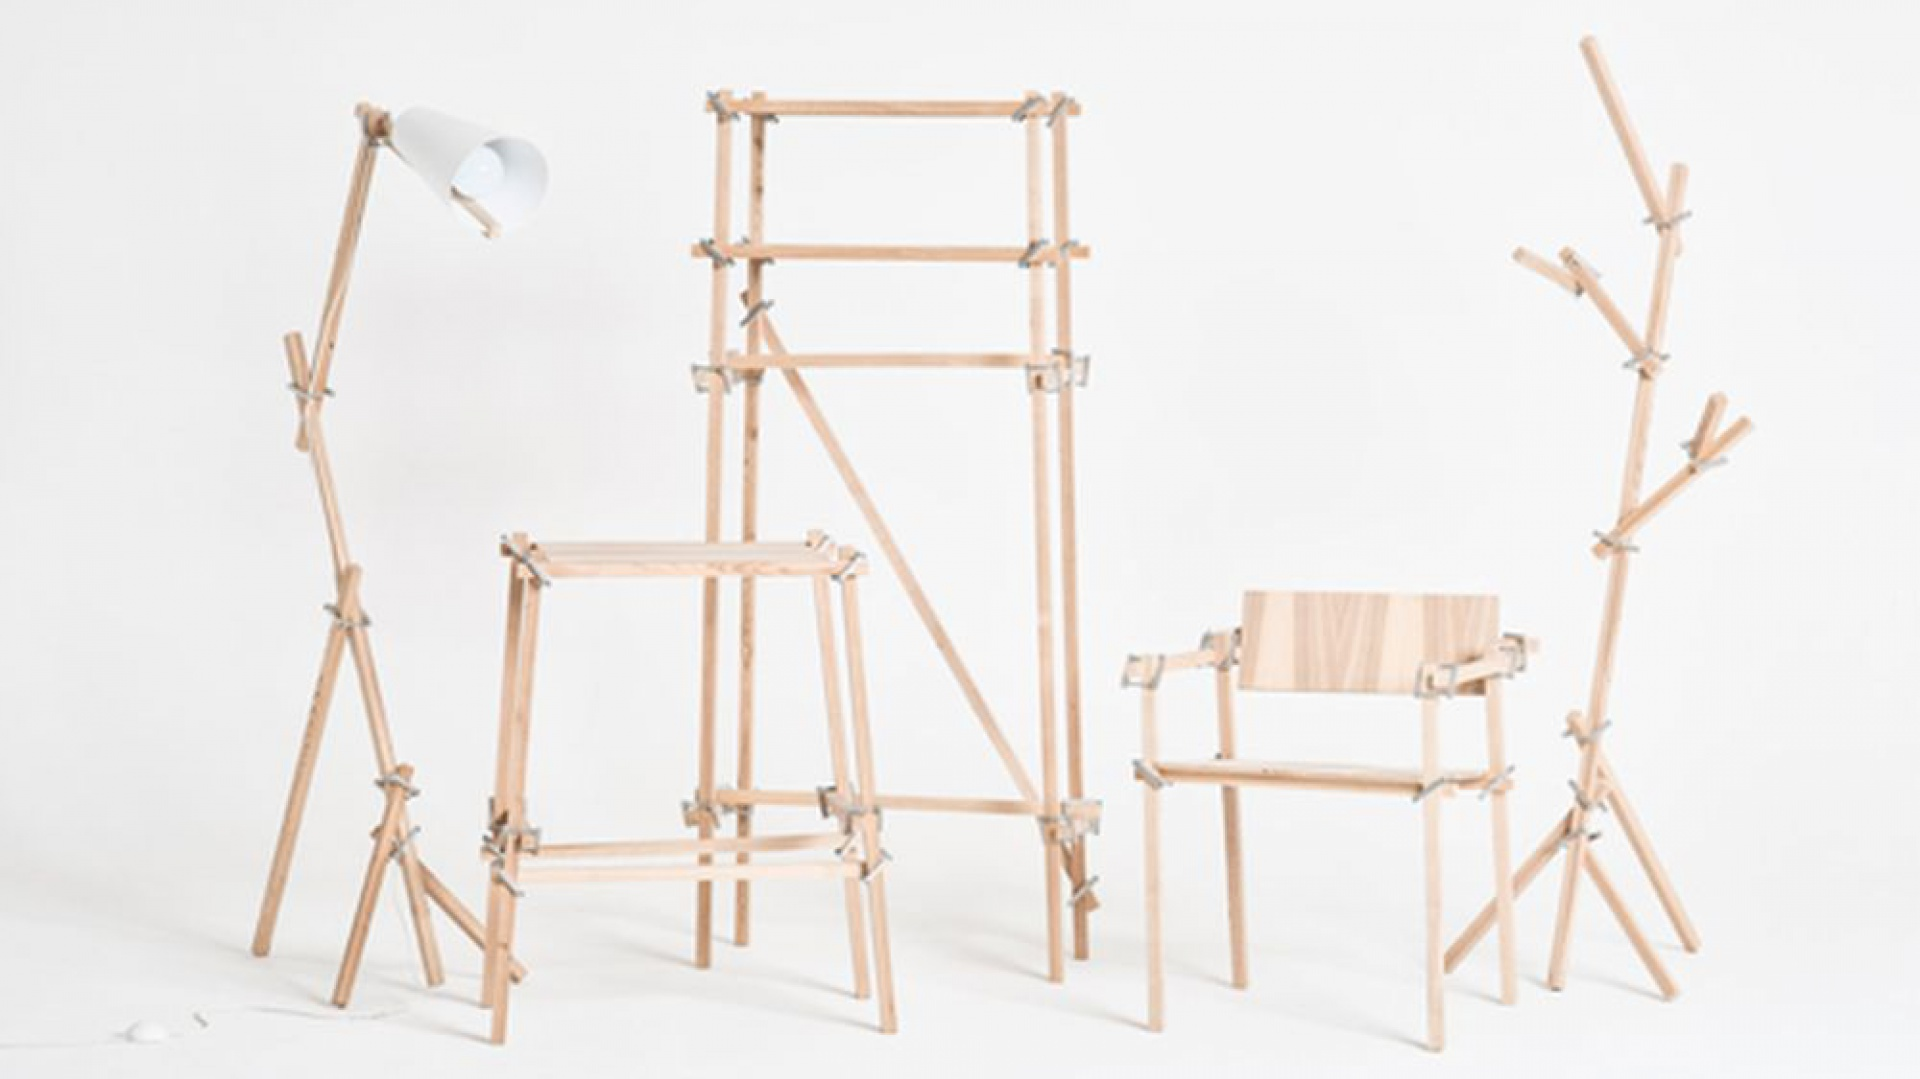 Patyczaki to zestawy elementów do tworzenia mebli, sprzętów, instalacji, powstał w ramach projektu stypendialnego W rzeczy samej. Patyczaki Jana Godlewskiego. Fot. Archiwum